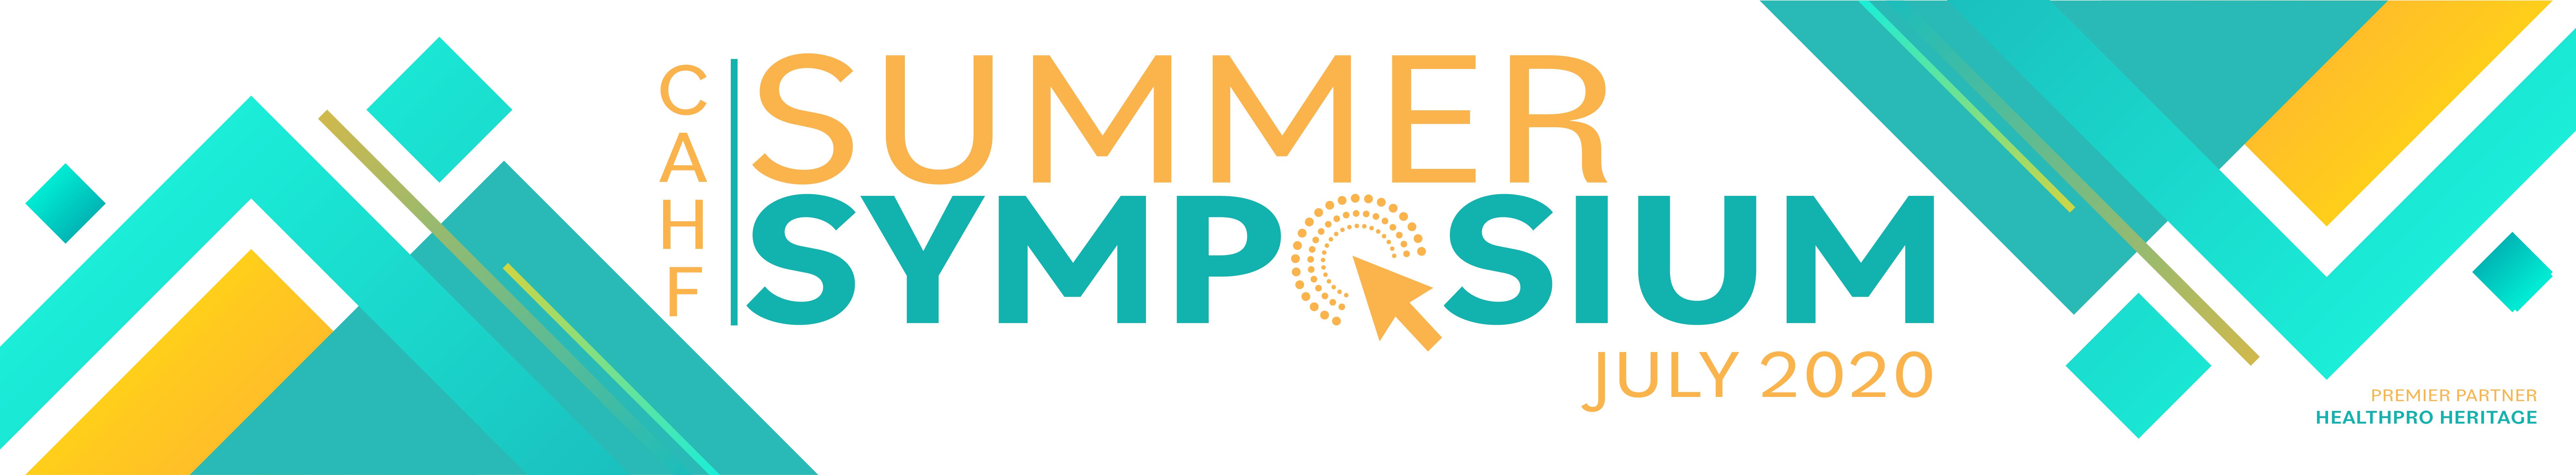 Summer Symposium